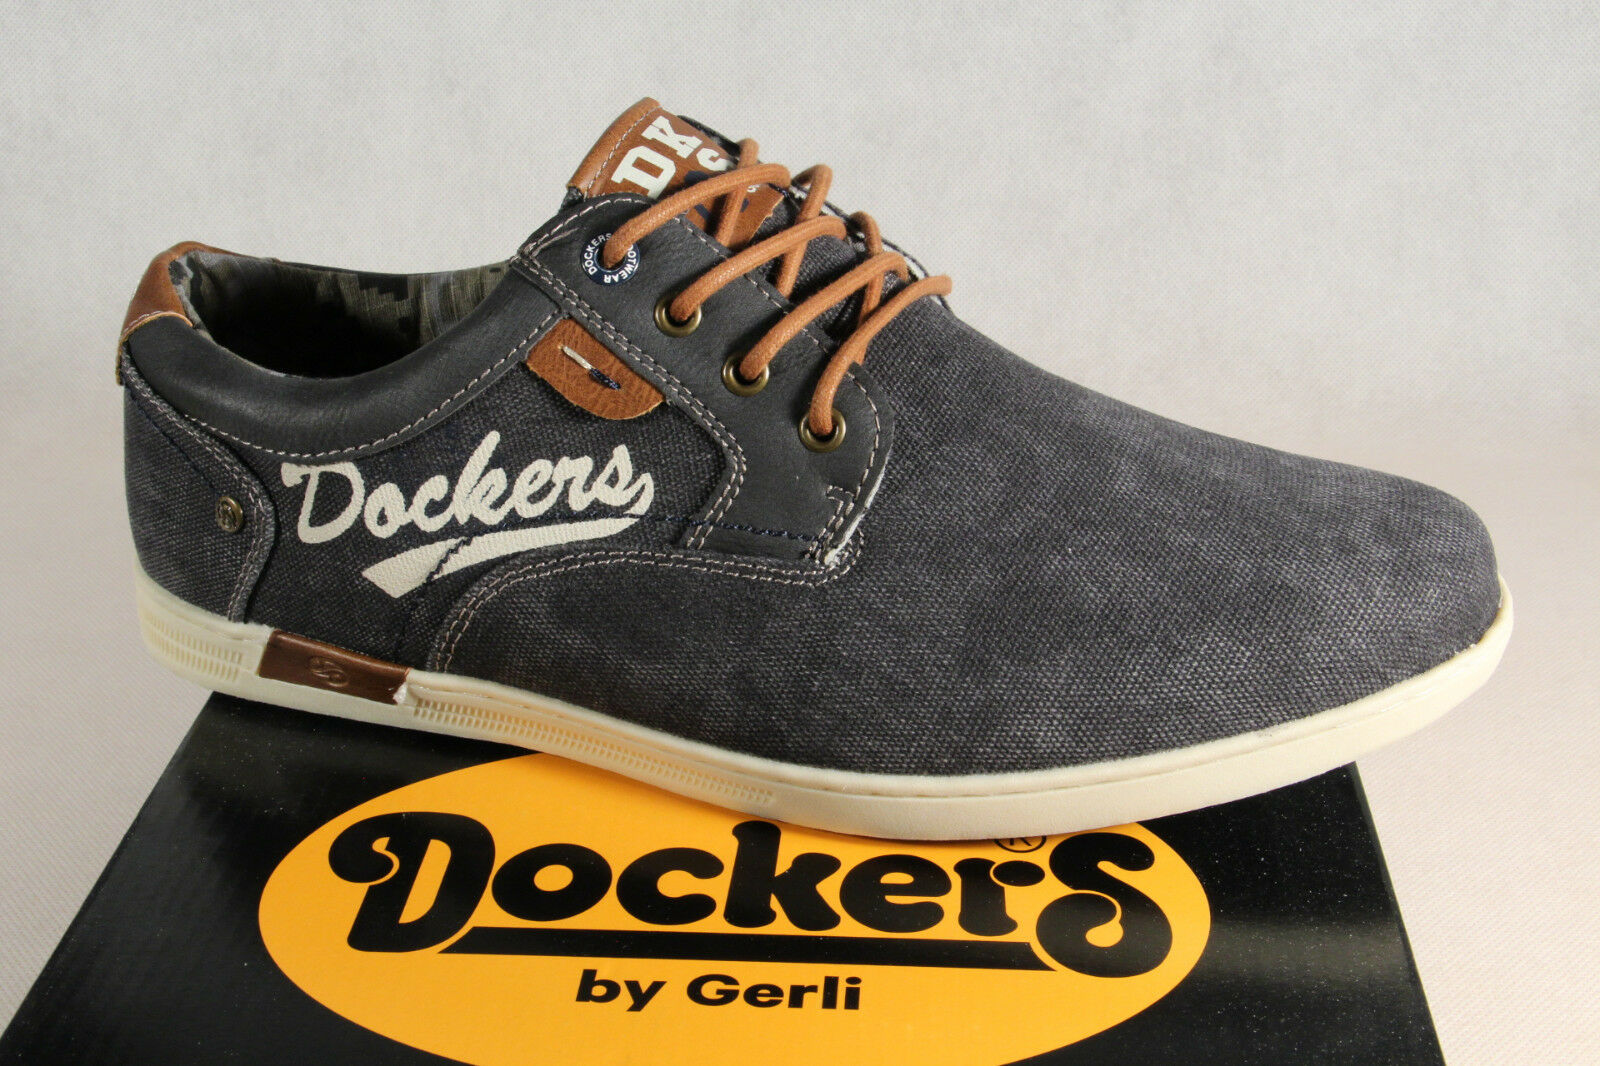 DOCKERS Zapatos de cordones Estilo de Hombre Zapatillas Zapatos Bajos Estilo cordones Pantuflas 7f92f5